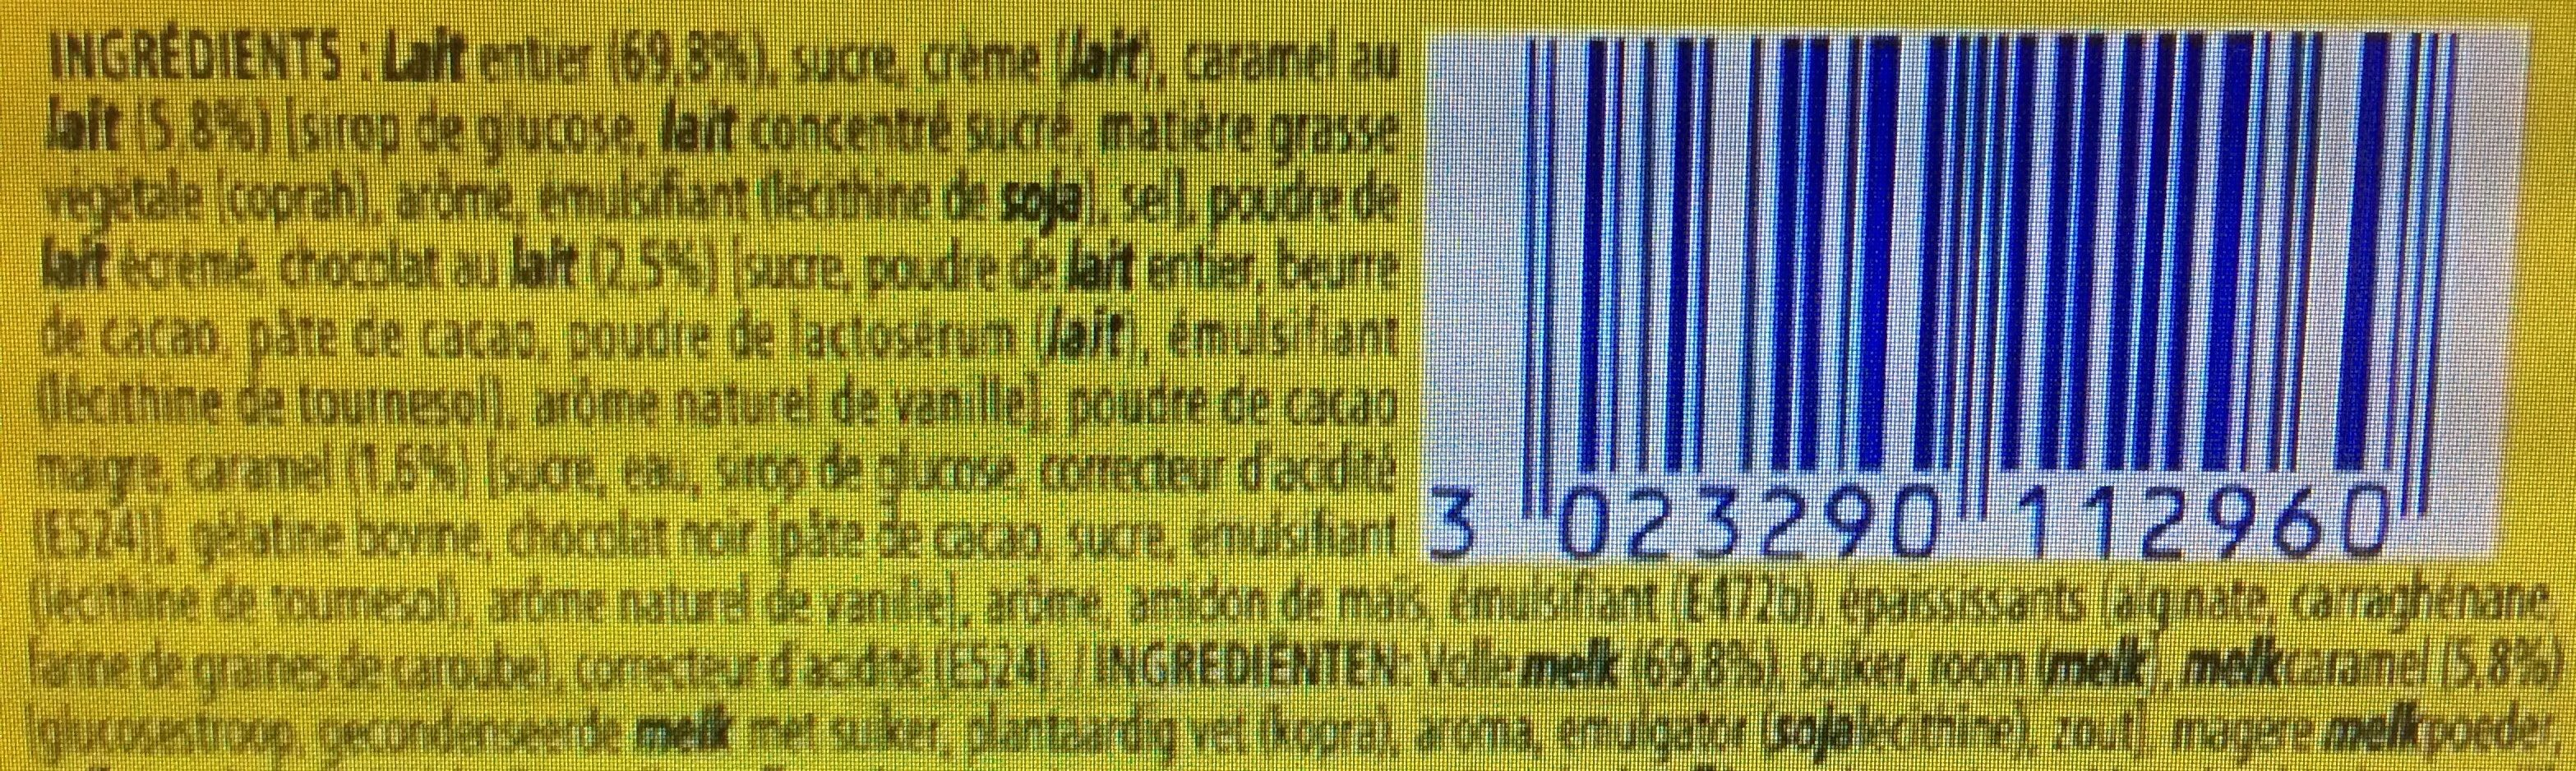 la laiti re secret de mousse duo chocolat au lait caramel nestl 4 59 g. Black Bedroom Furniture Sets. Home Design Ideas